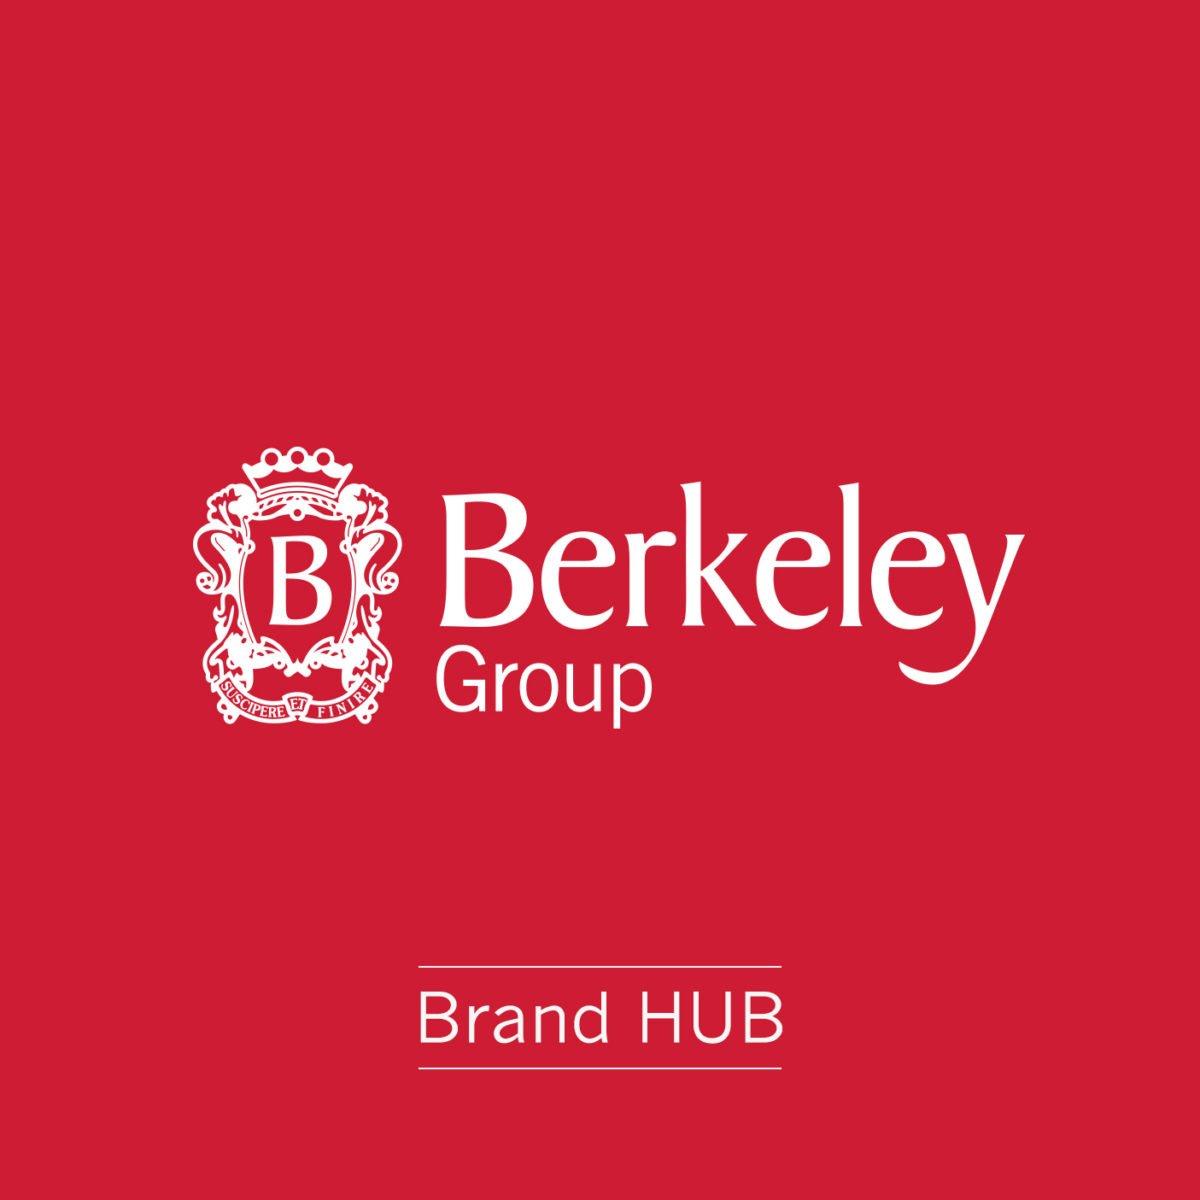 Digital Brand Guidelines Agency